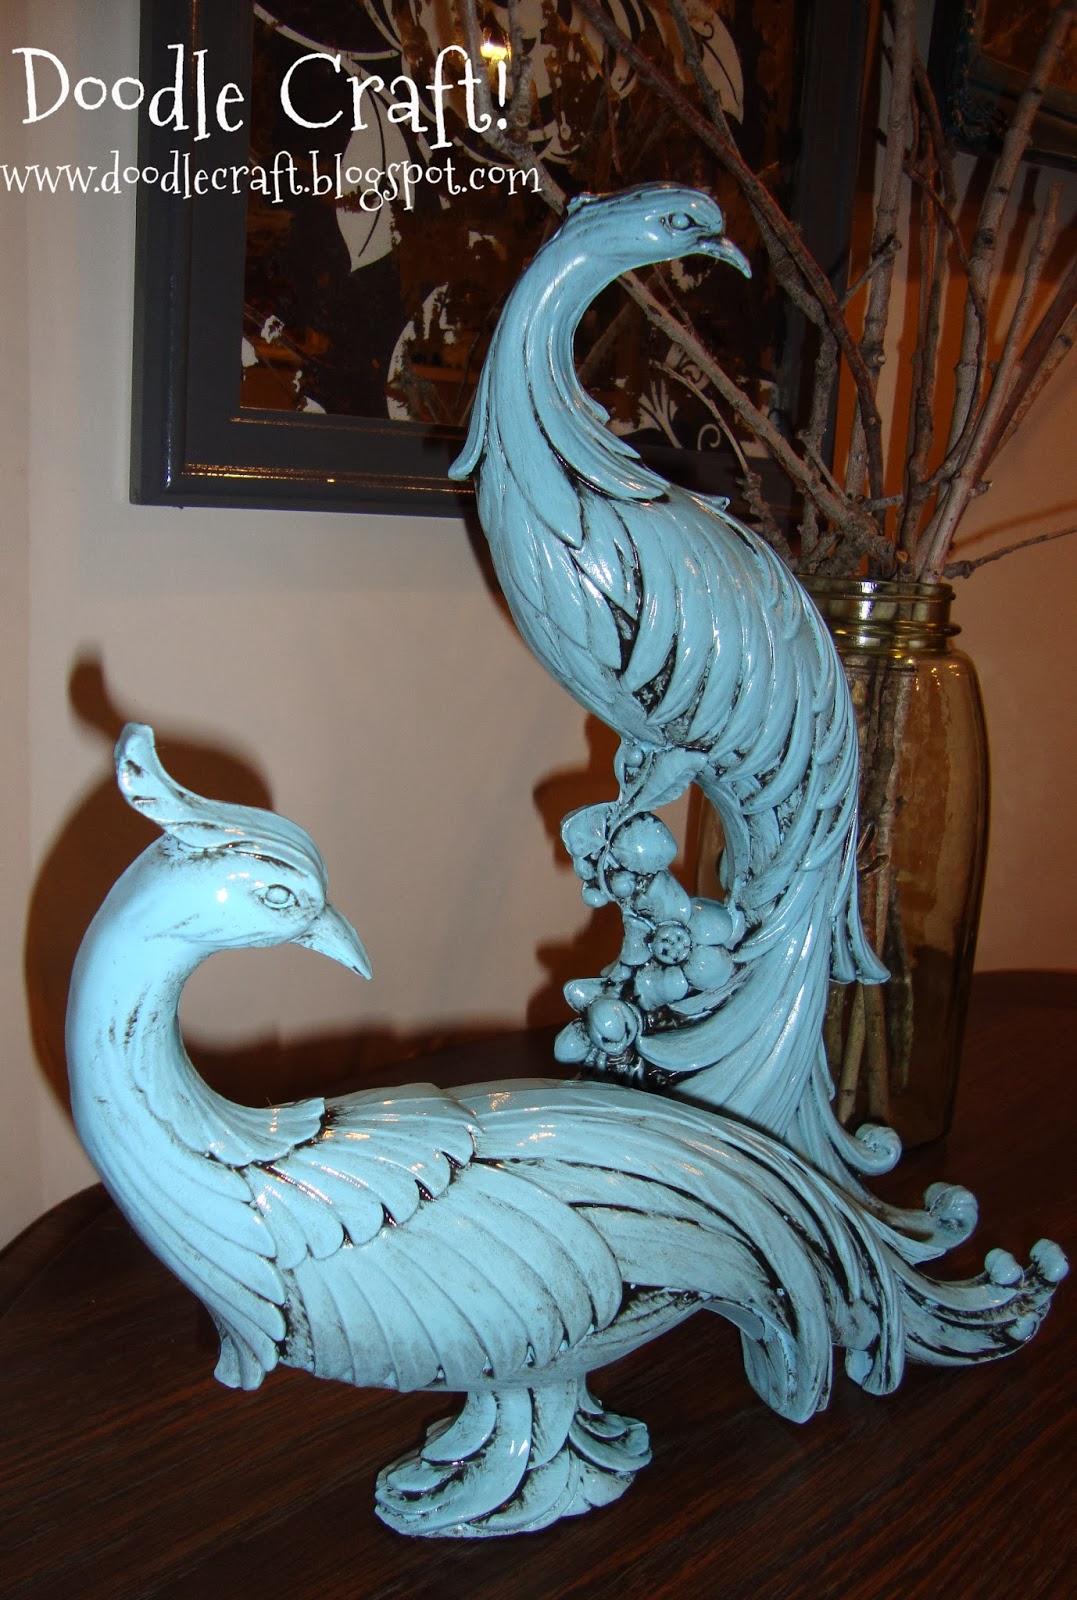 http://doodlecraft.blogspot.com/2011/10/phoenix-set.html